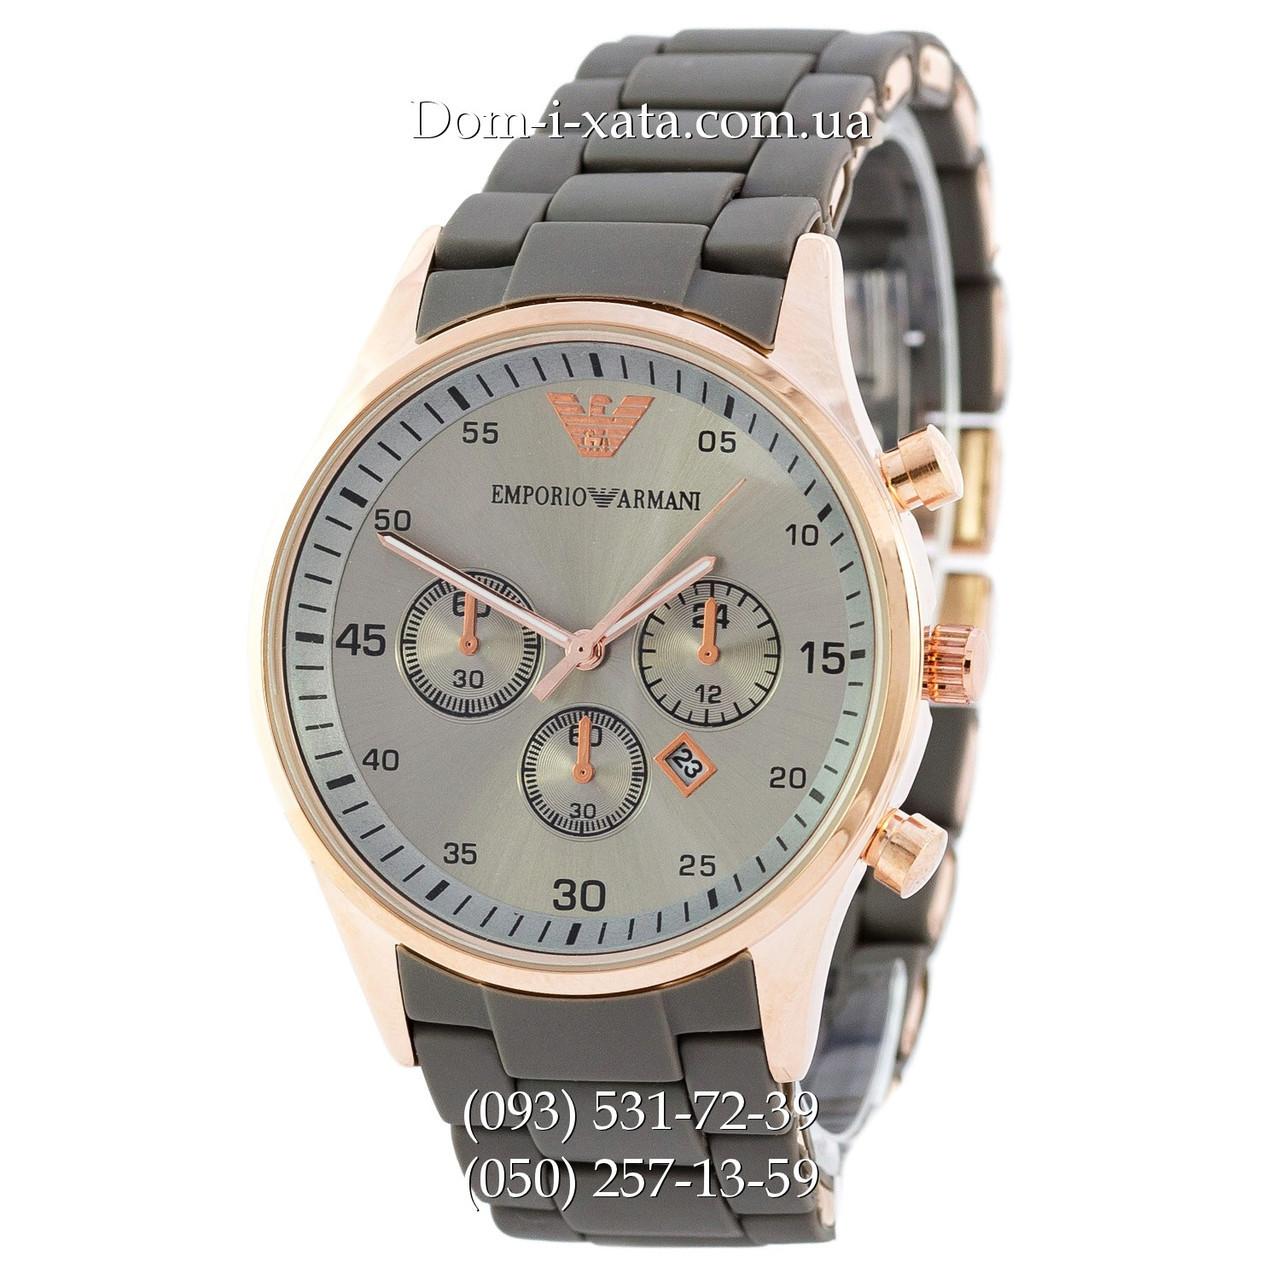 Мужские часы Emporio Armani gray-gold, элитные часы Эмпорио Армани серый-золото, реплика отличное качество